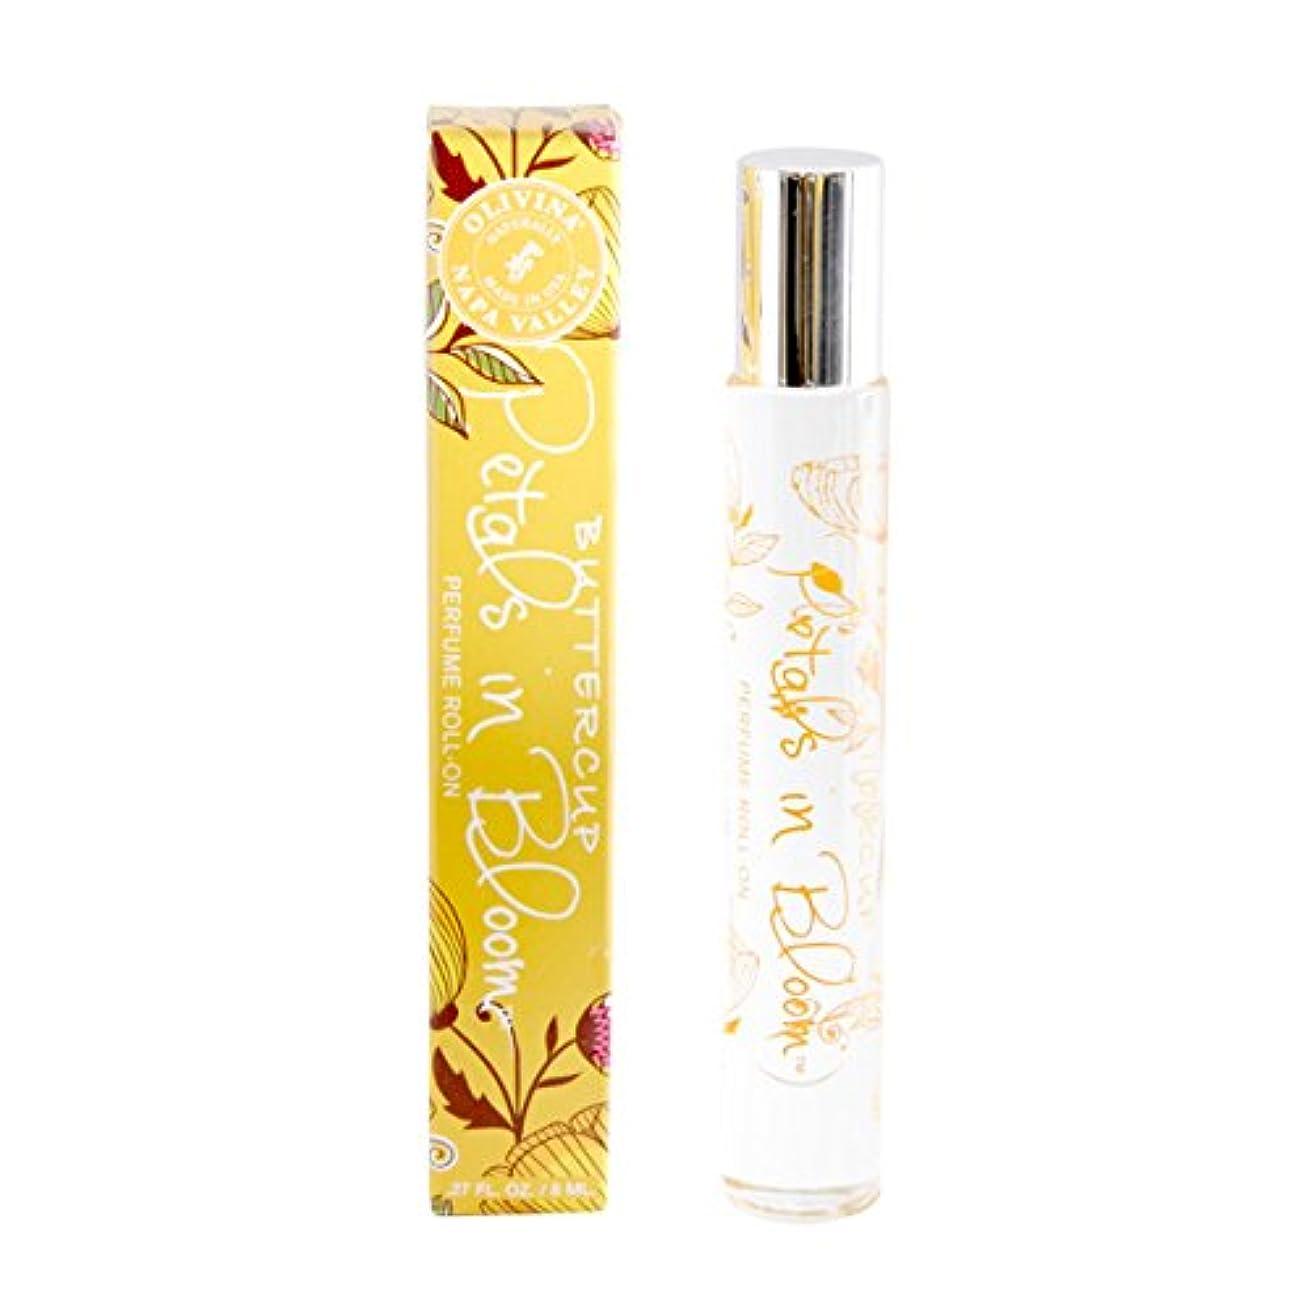 一部コンバーチブル代替Napa Valley Apothecary Petals in Bloom パフューム ロールオン バターカップ perfume roll-on Buttercup ナパバレーアポセカリー ペタルズインブルーム Olivina...